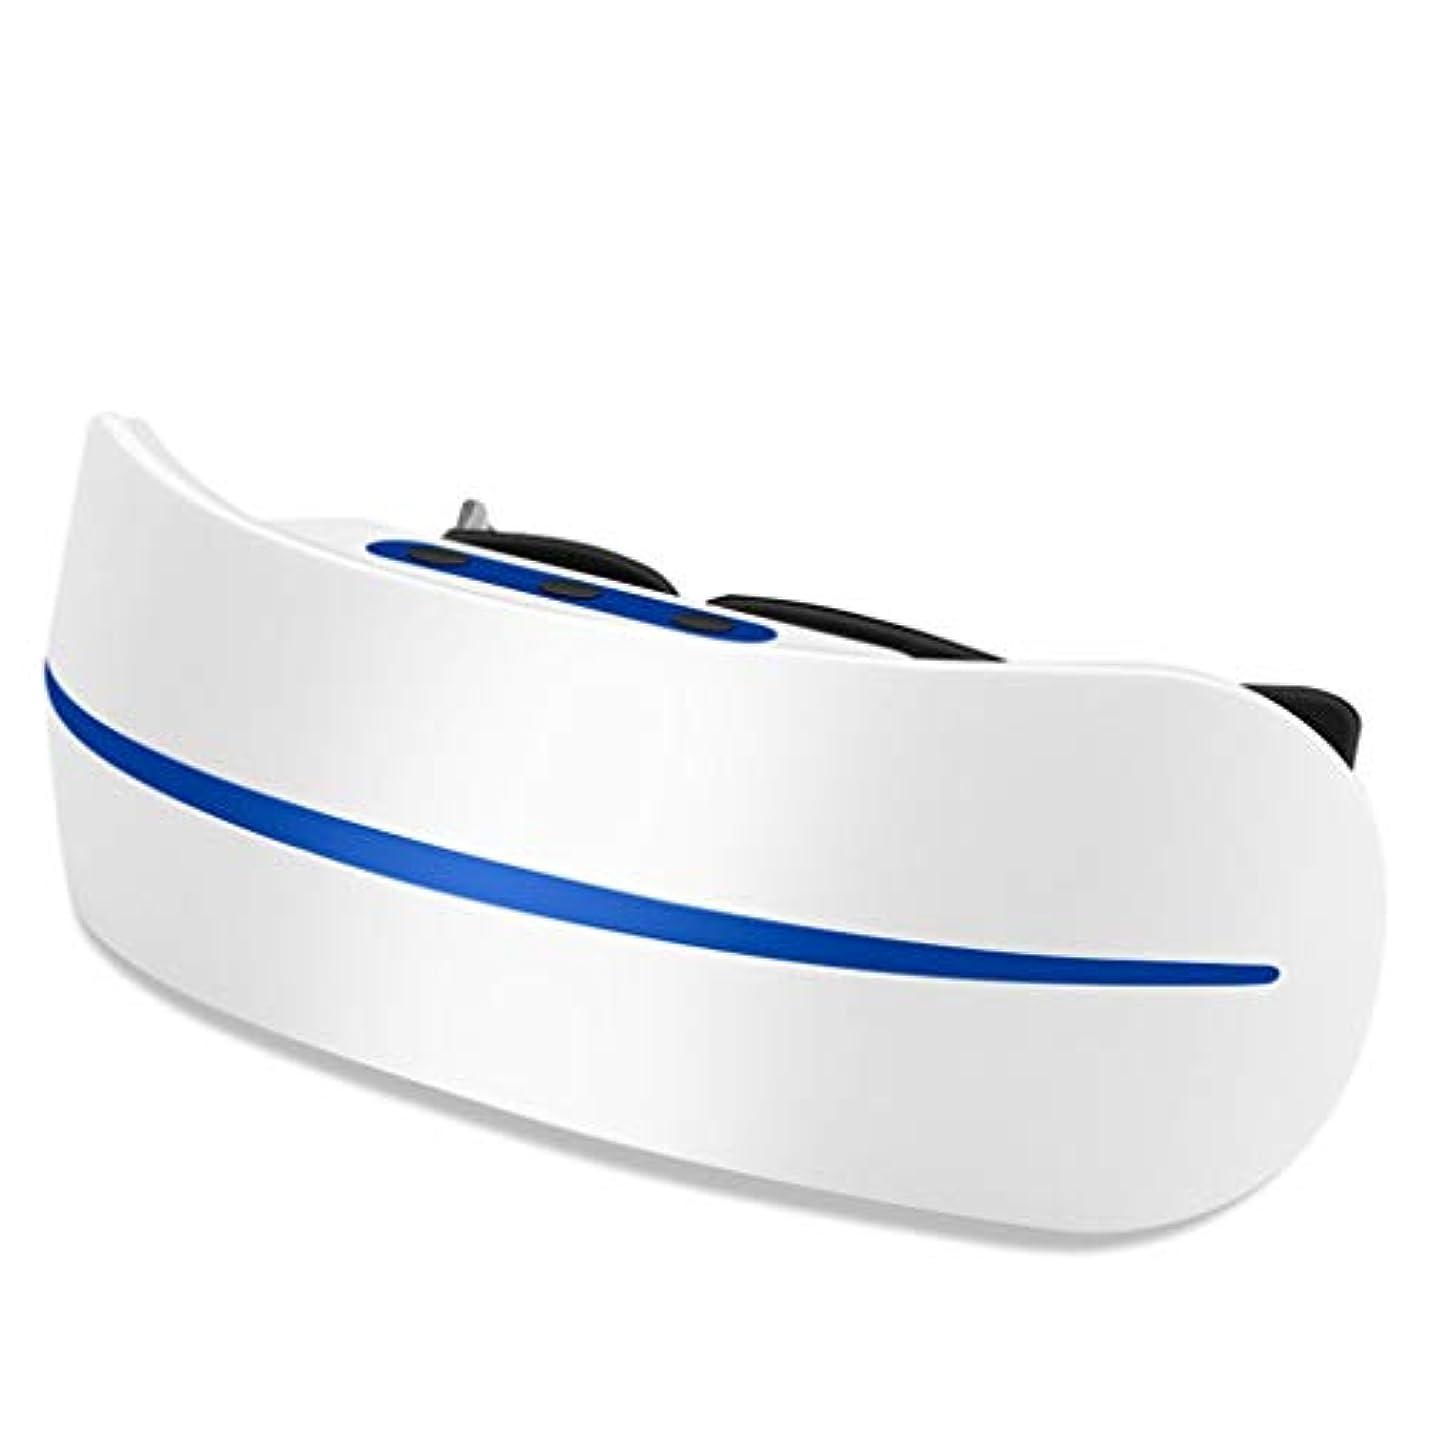 ワゴン膨張する公園アイマッサージャー視力回復剤アイ近視矯正アイプロテクターアイプロテクション軽減疲労ダークサークルアイマスク